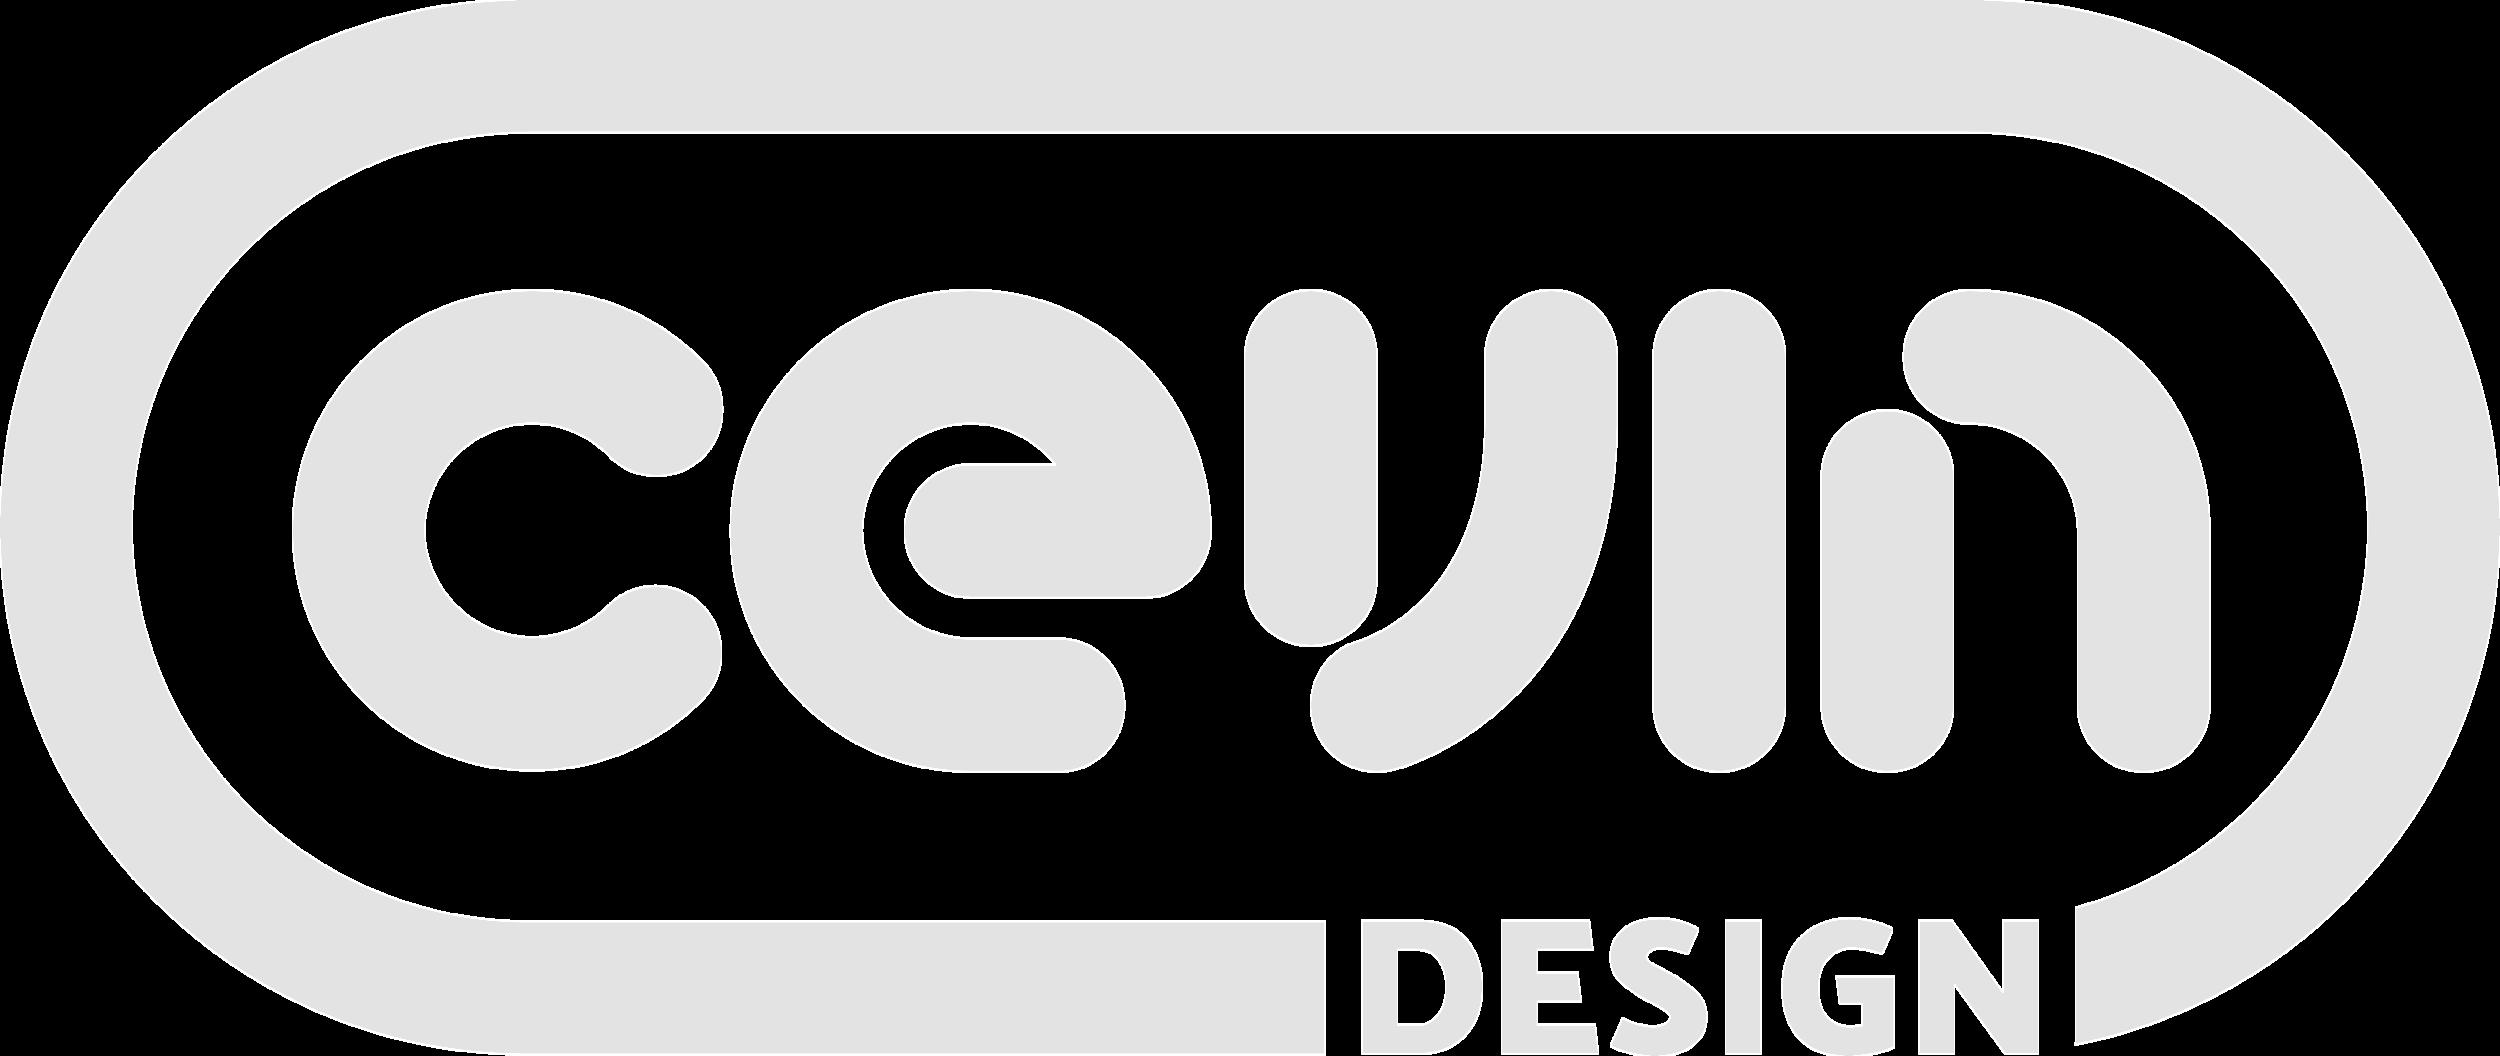 CevinDesignLogoRevamp4 - Cevin Thornbrugh.png